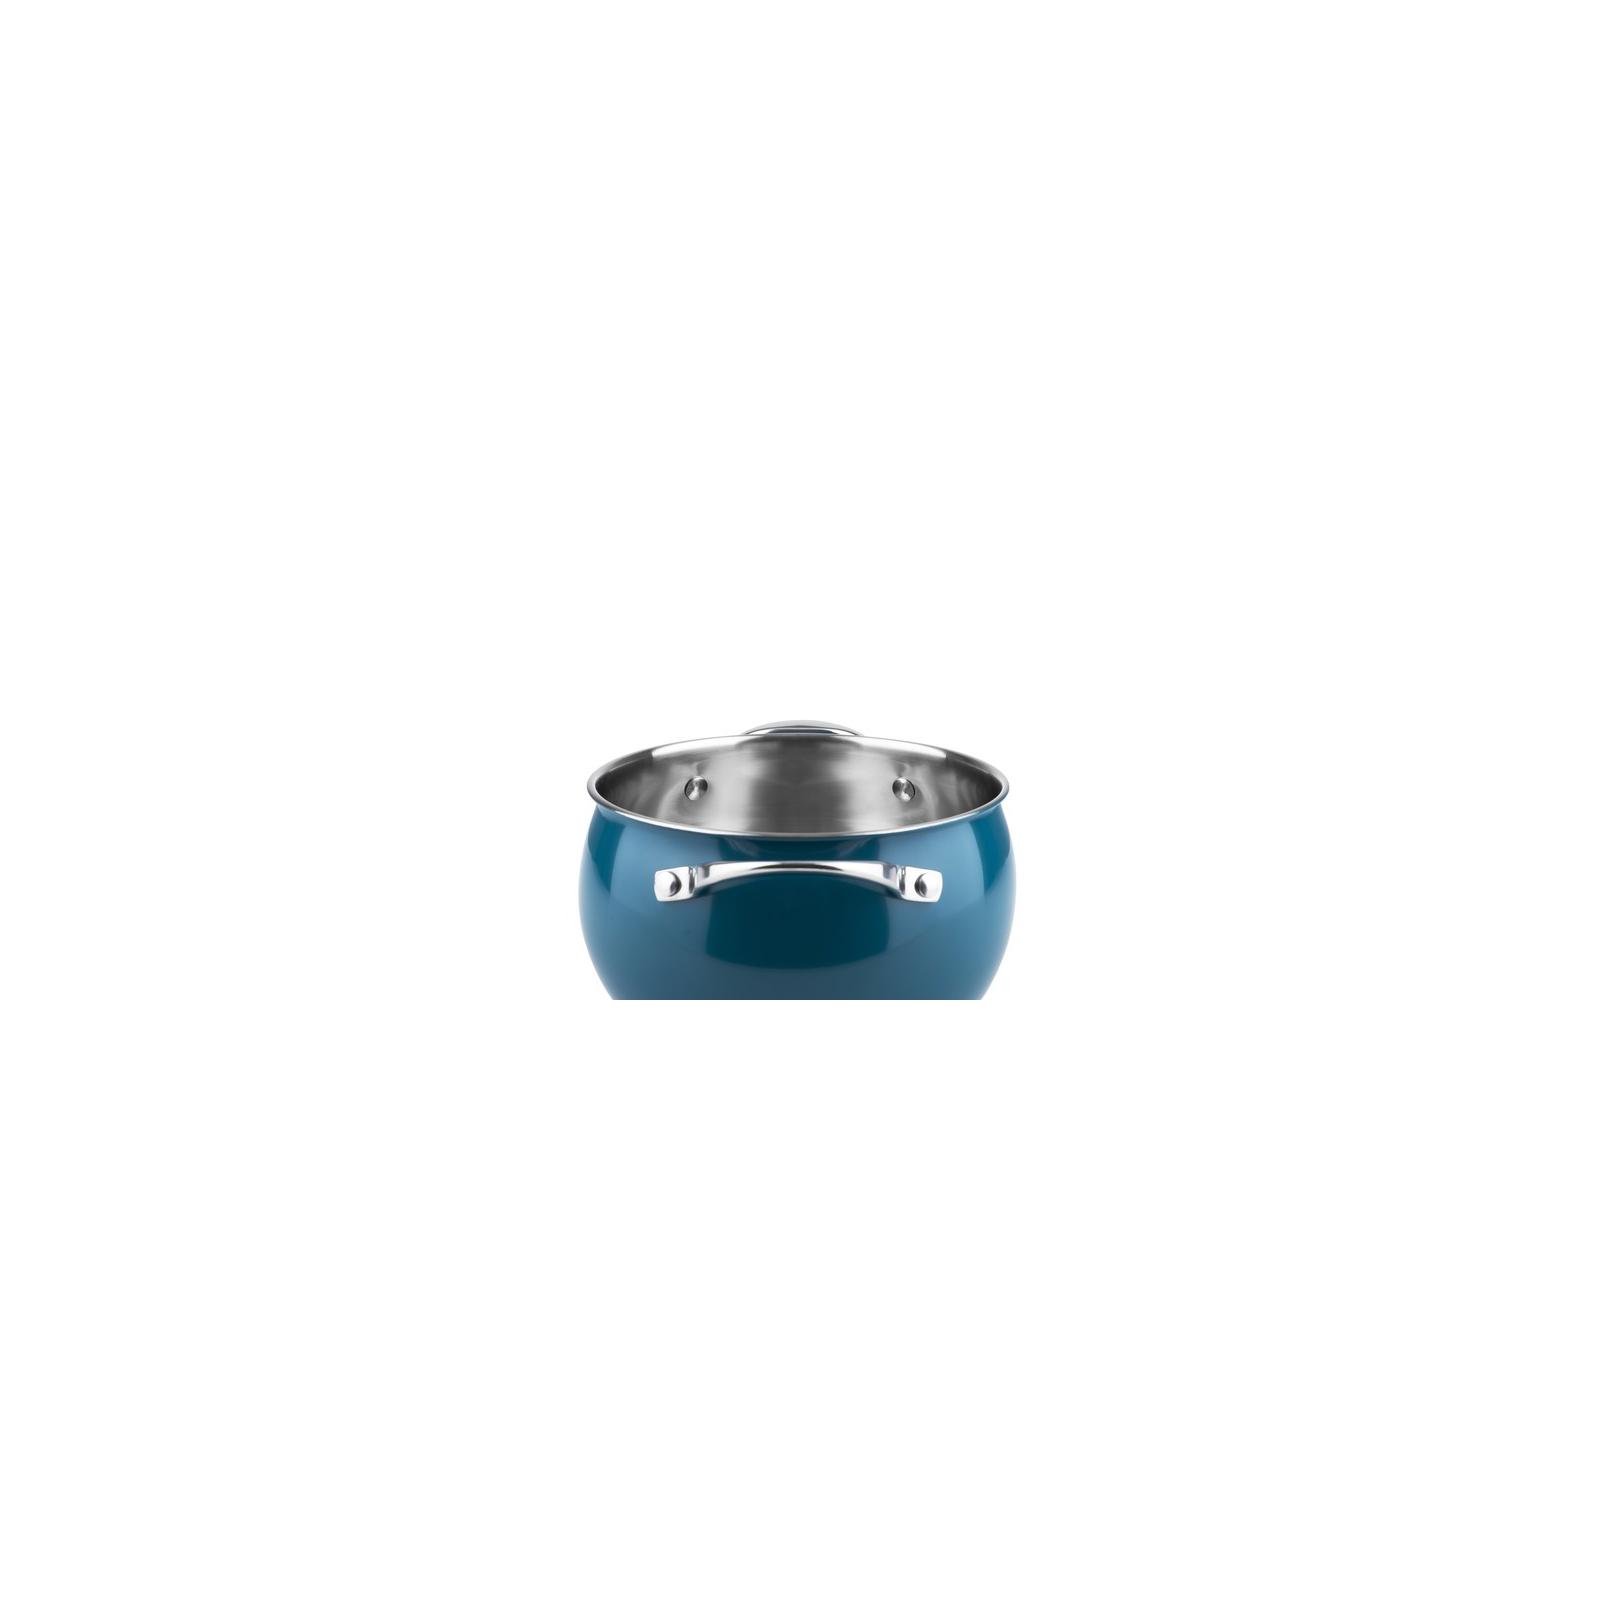 Кастрюля Ringel Bavaria с крышкой 2.5 л blue (RG-2009-18/2) изображение 4